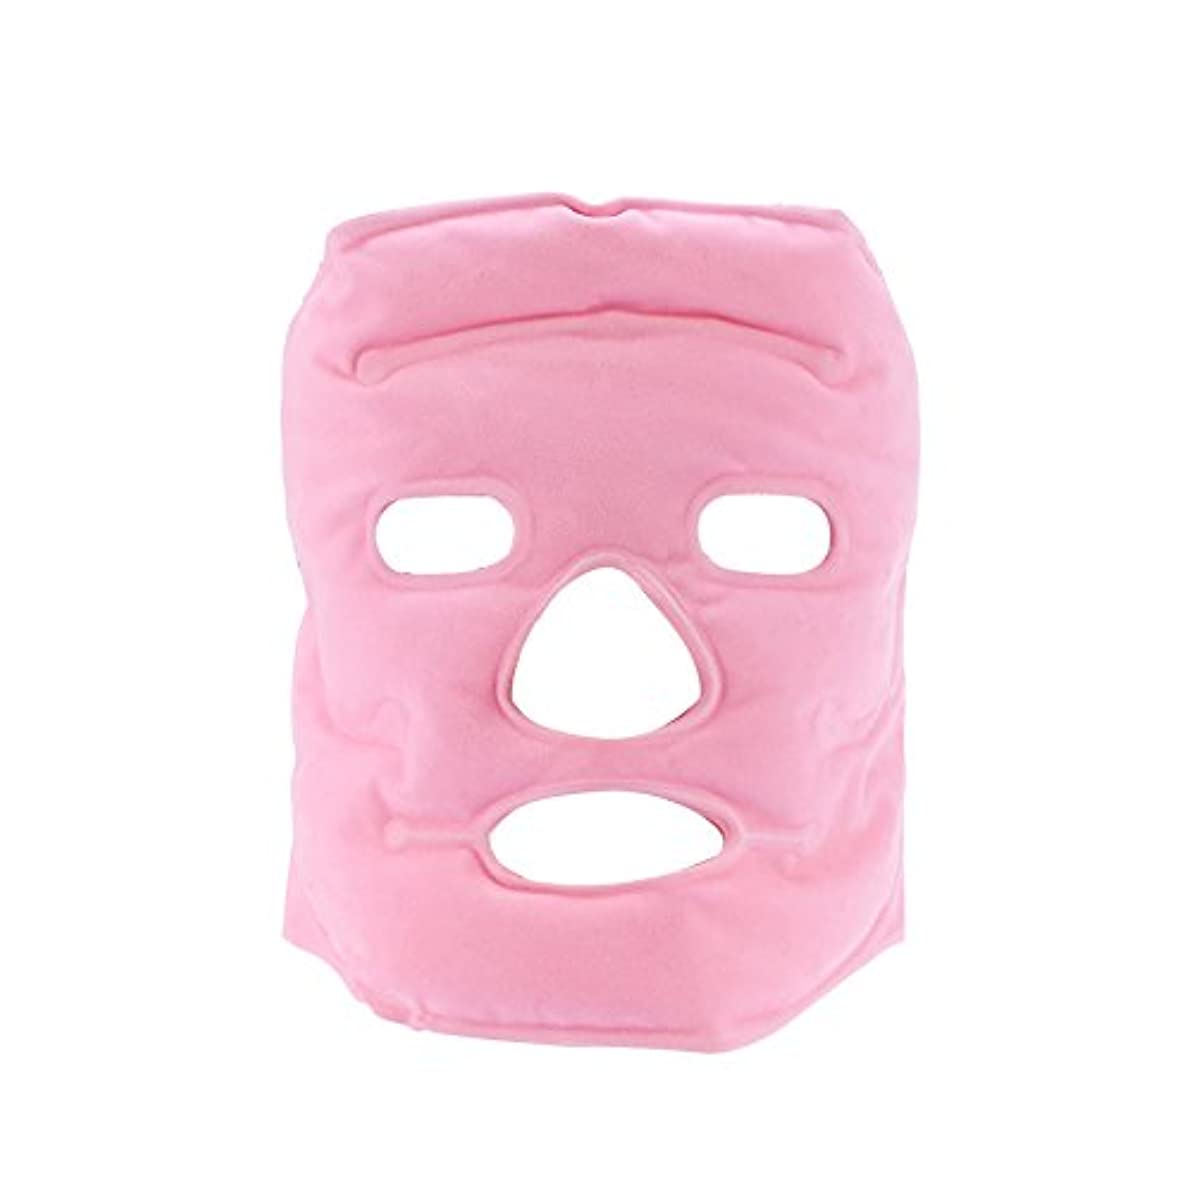 成人期リマーク換気トルマリンフェイスマスク、フェイシャル美容マスク計器トルマリン磁気コールド/ホットコンプレッションマッサージアンチリンクルフェイスケア女性